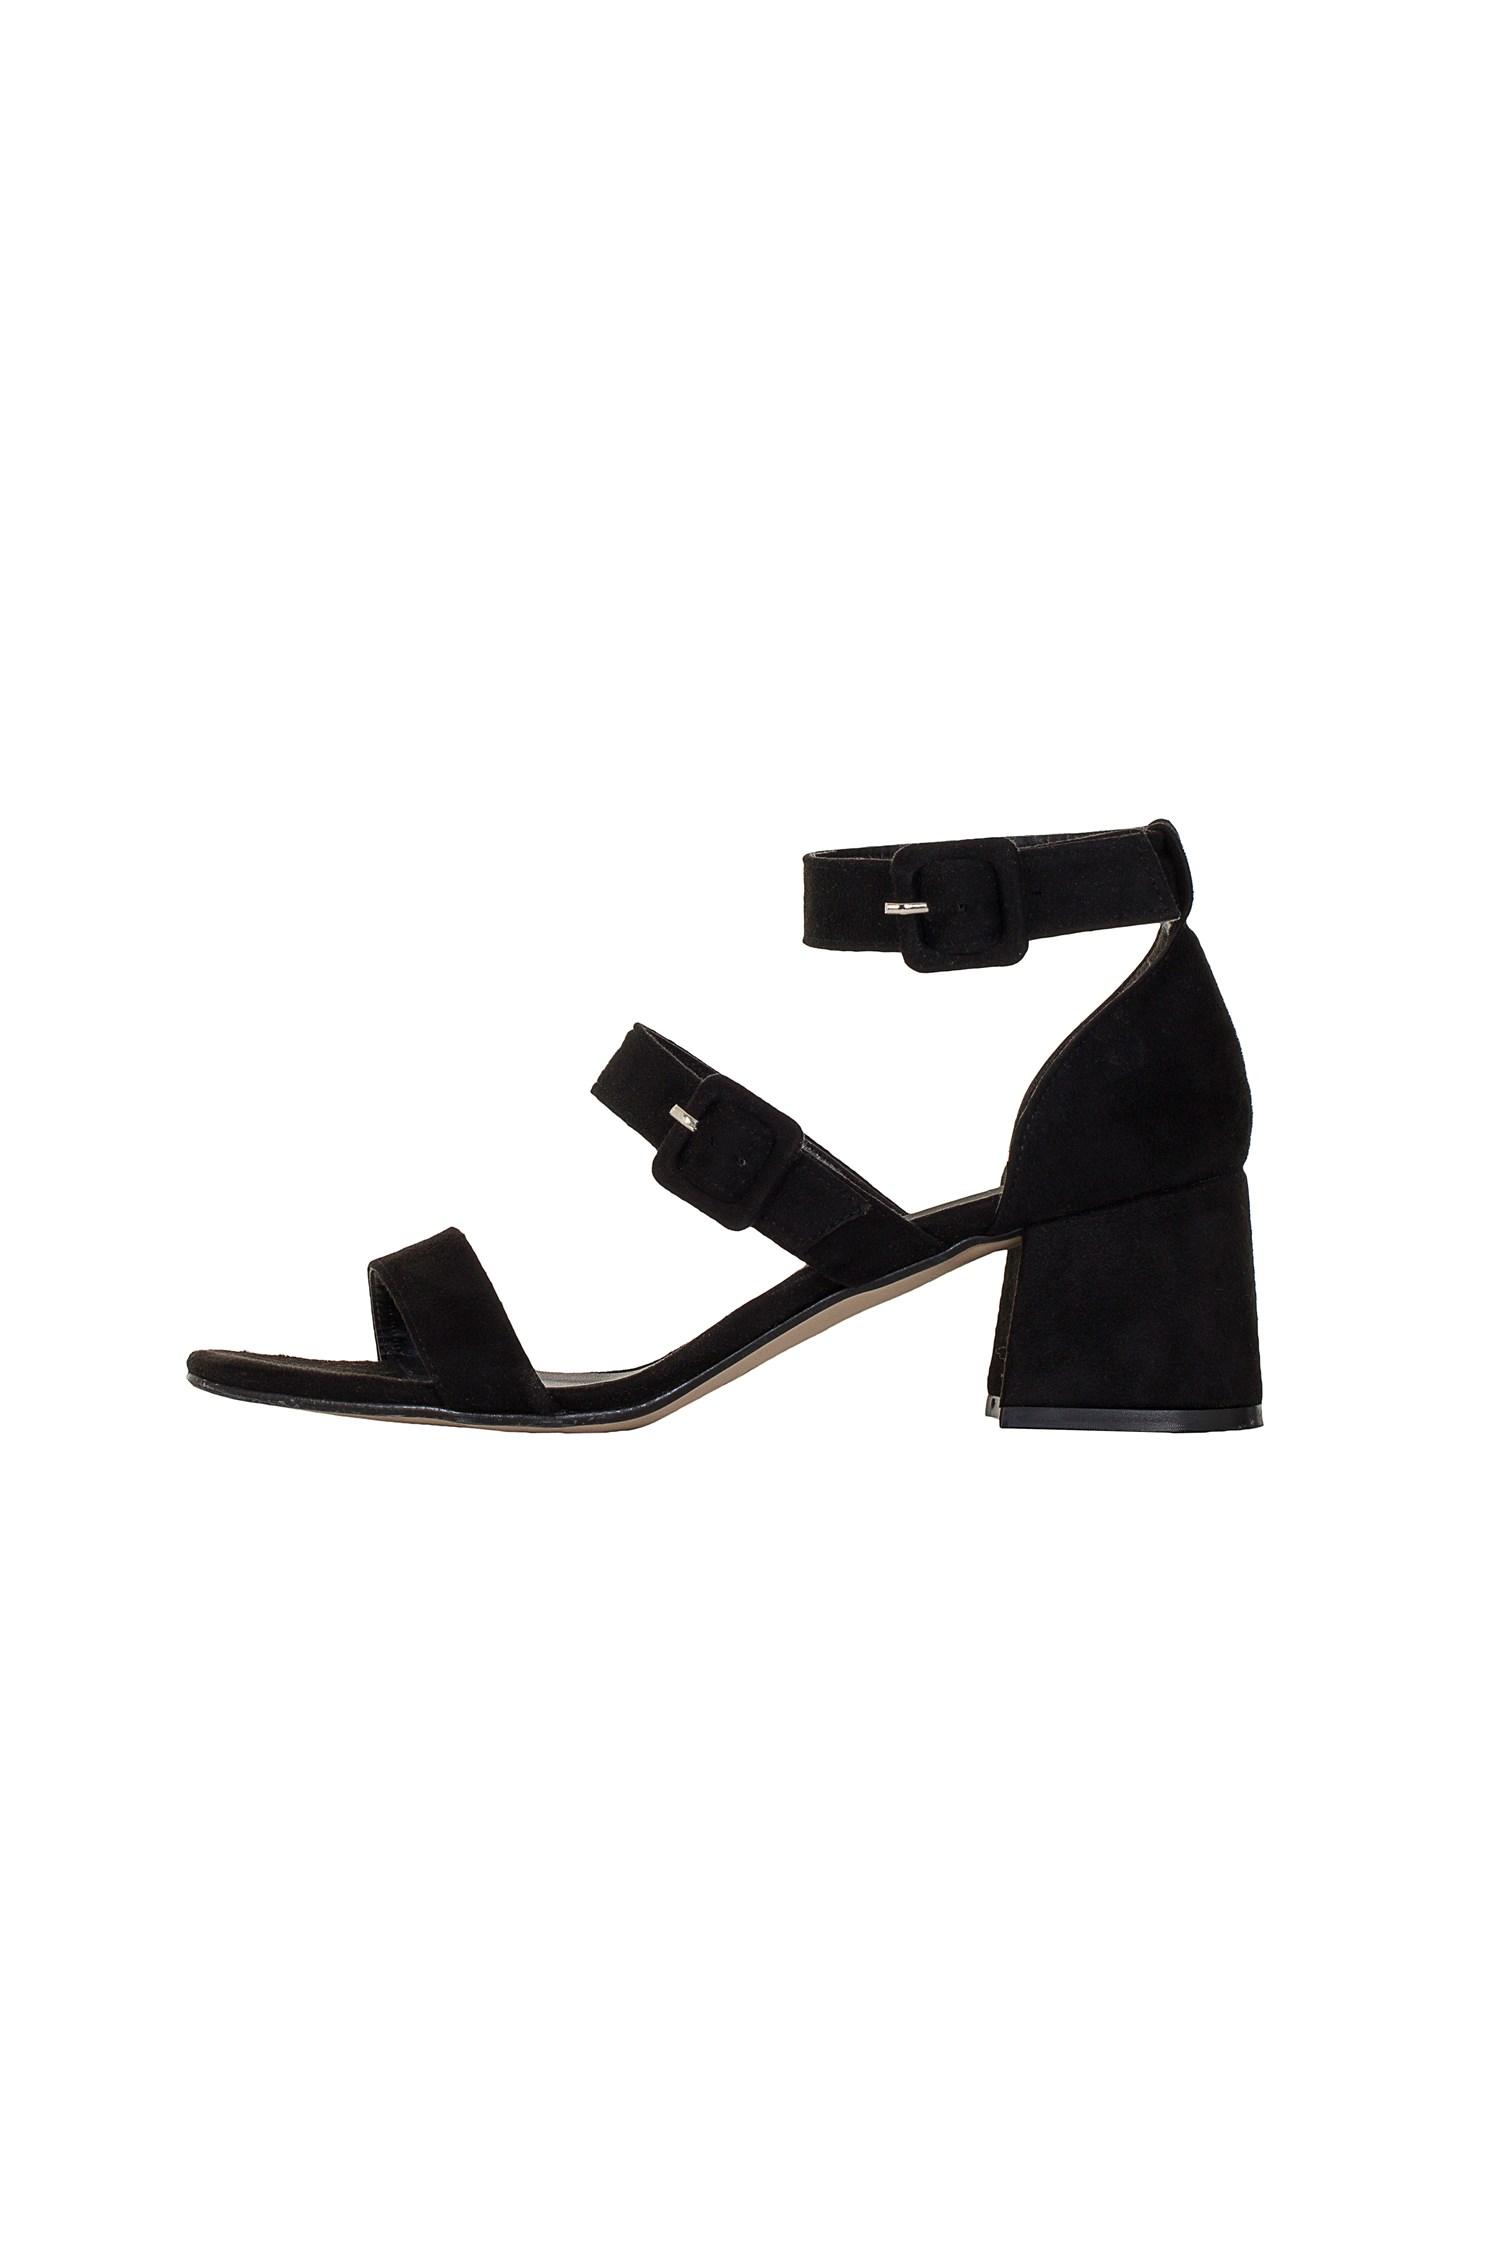 Bayan Siyah Üç Bantlı Topuklu Ayakkabı